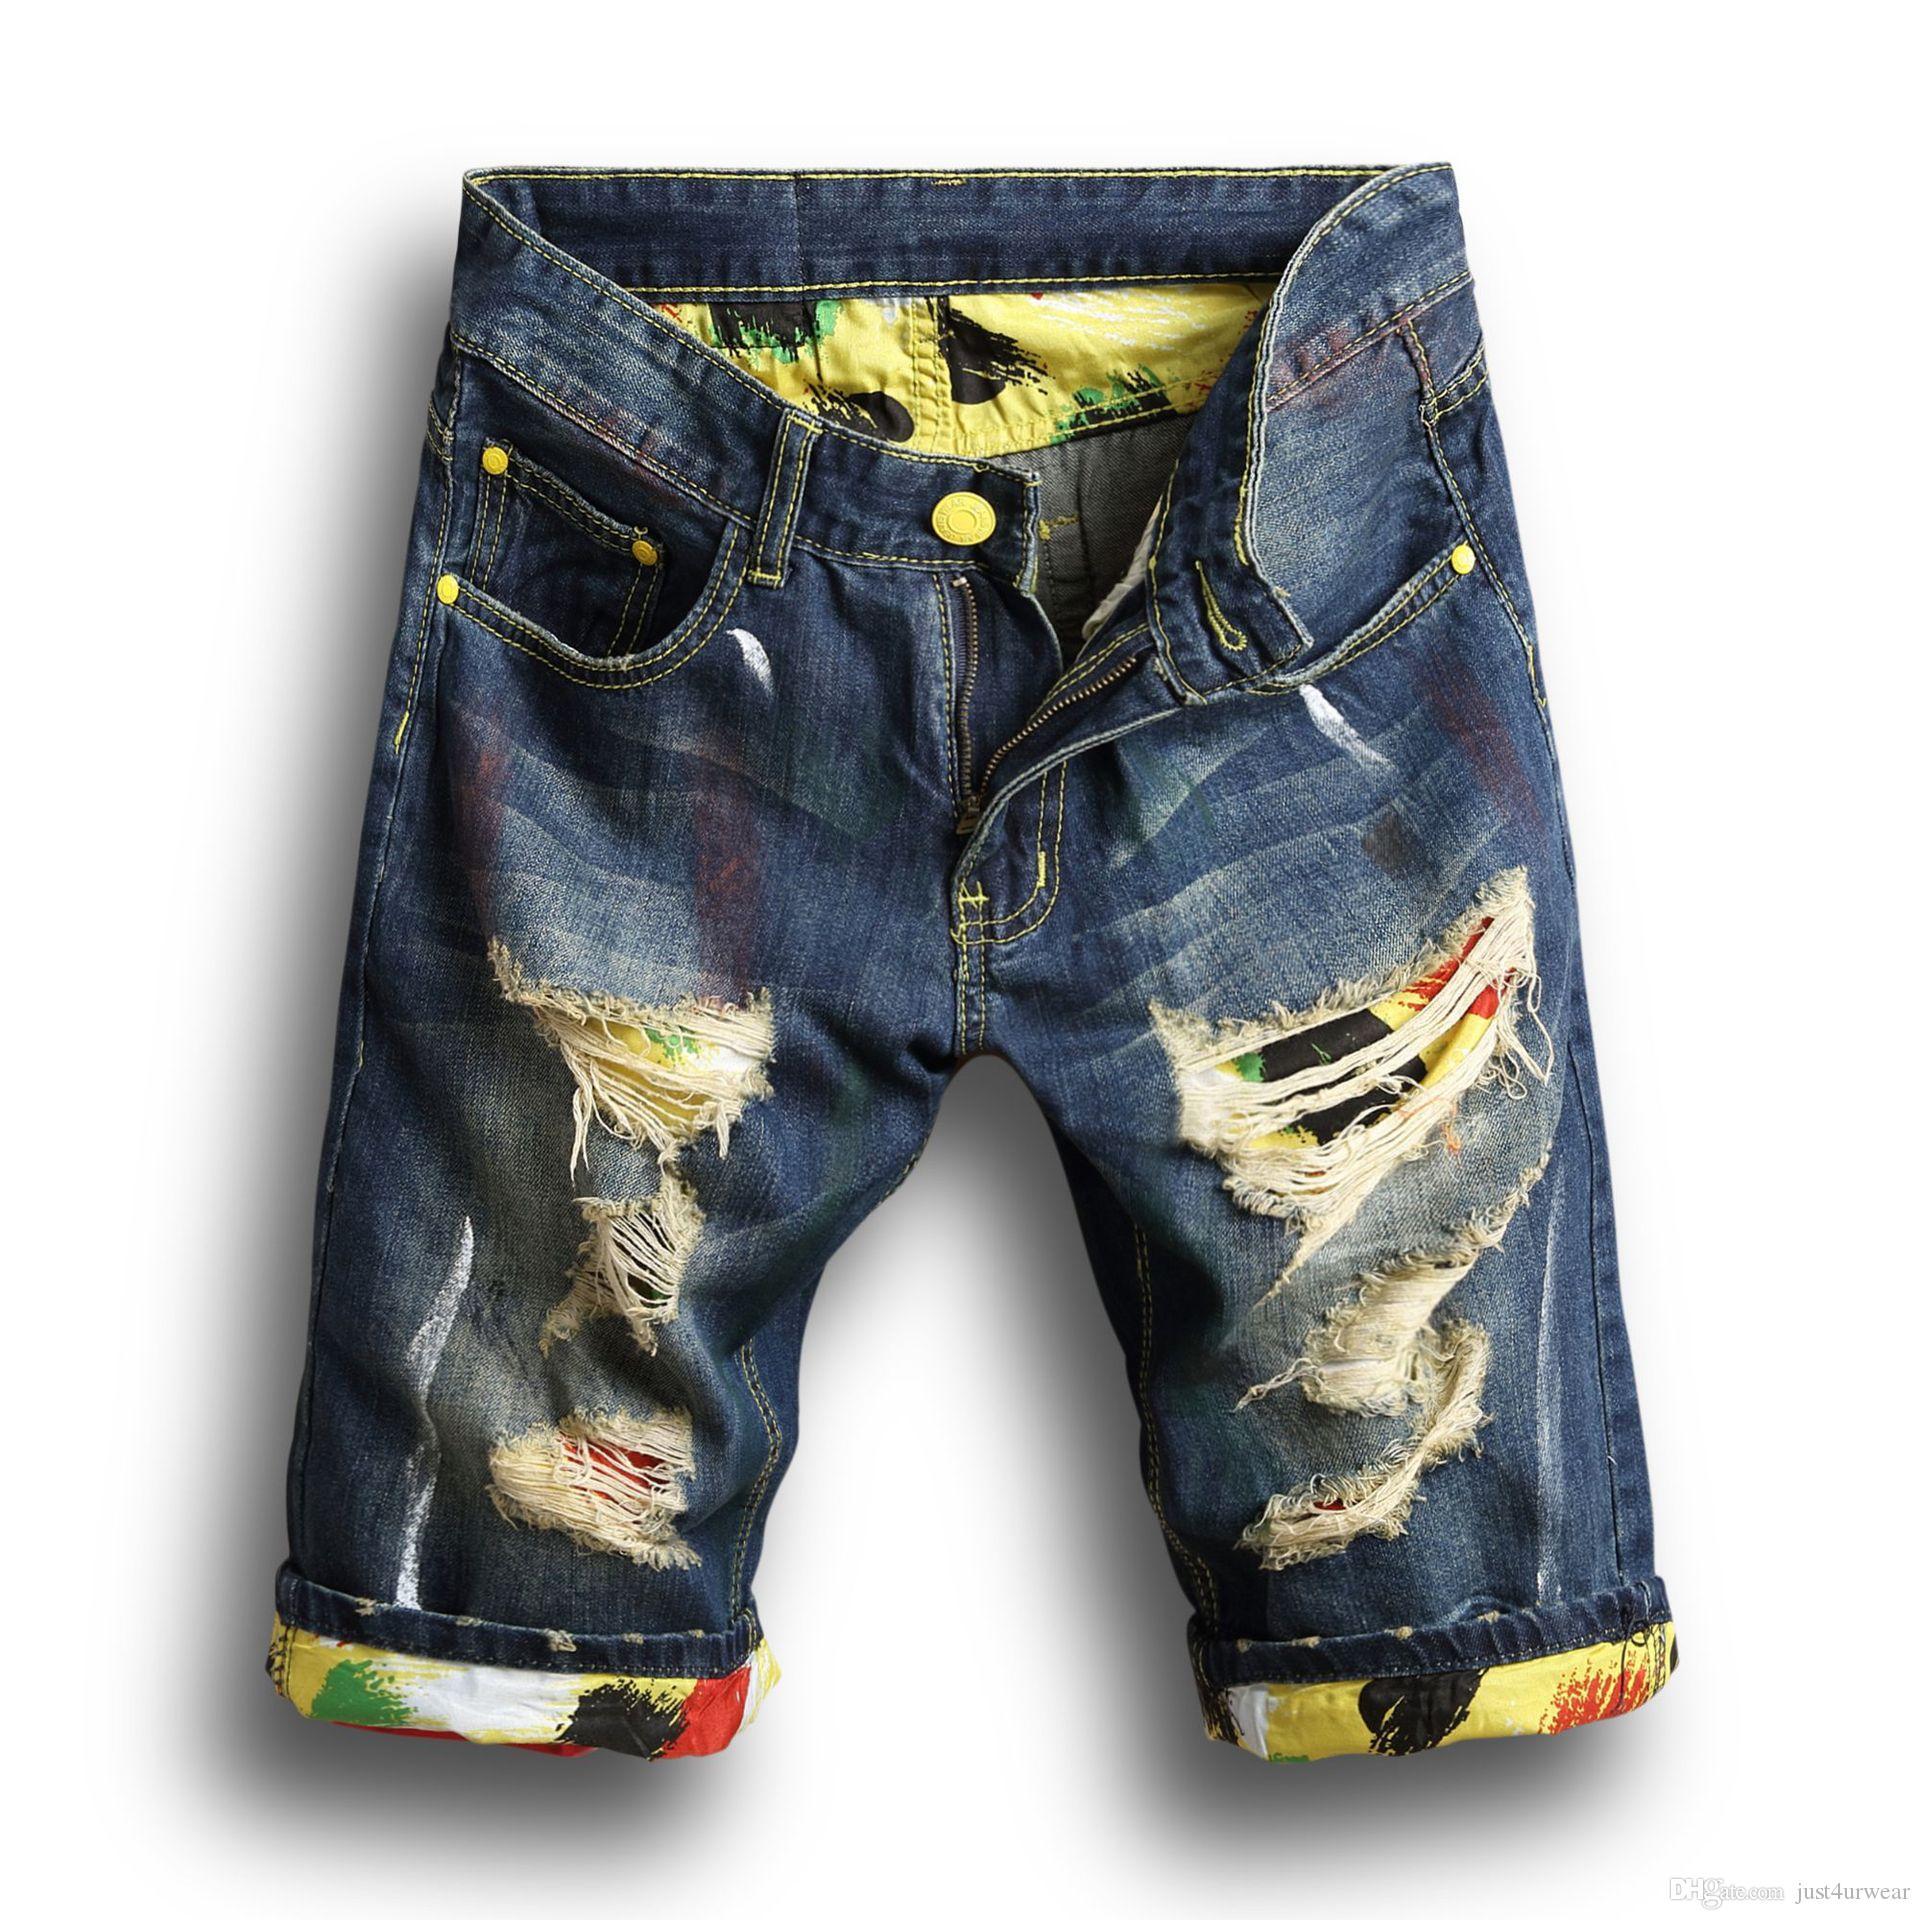 Homens Moda Denim Jeans slim Hetero Calças Tendência dos homens do desenhista Calças New Verão Buracos Mens Denim Shorts